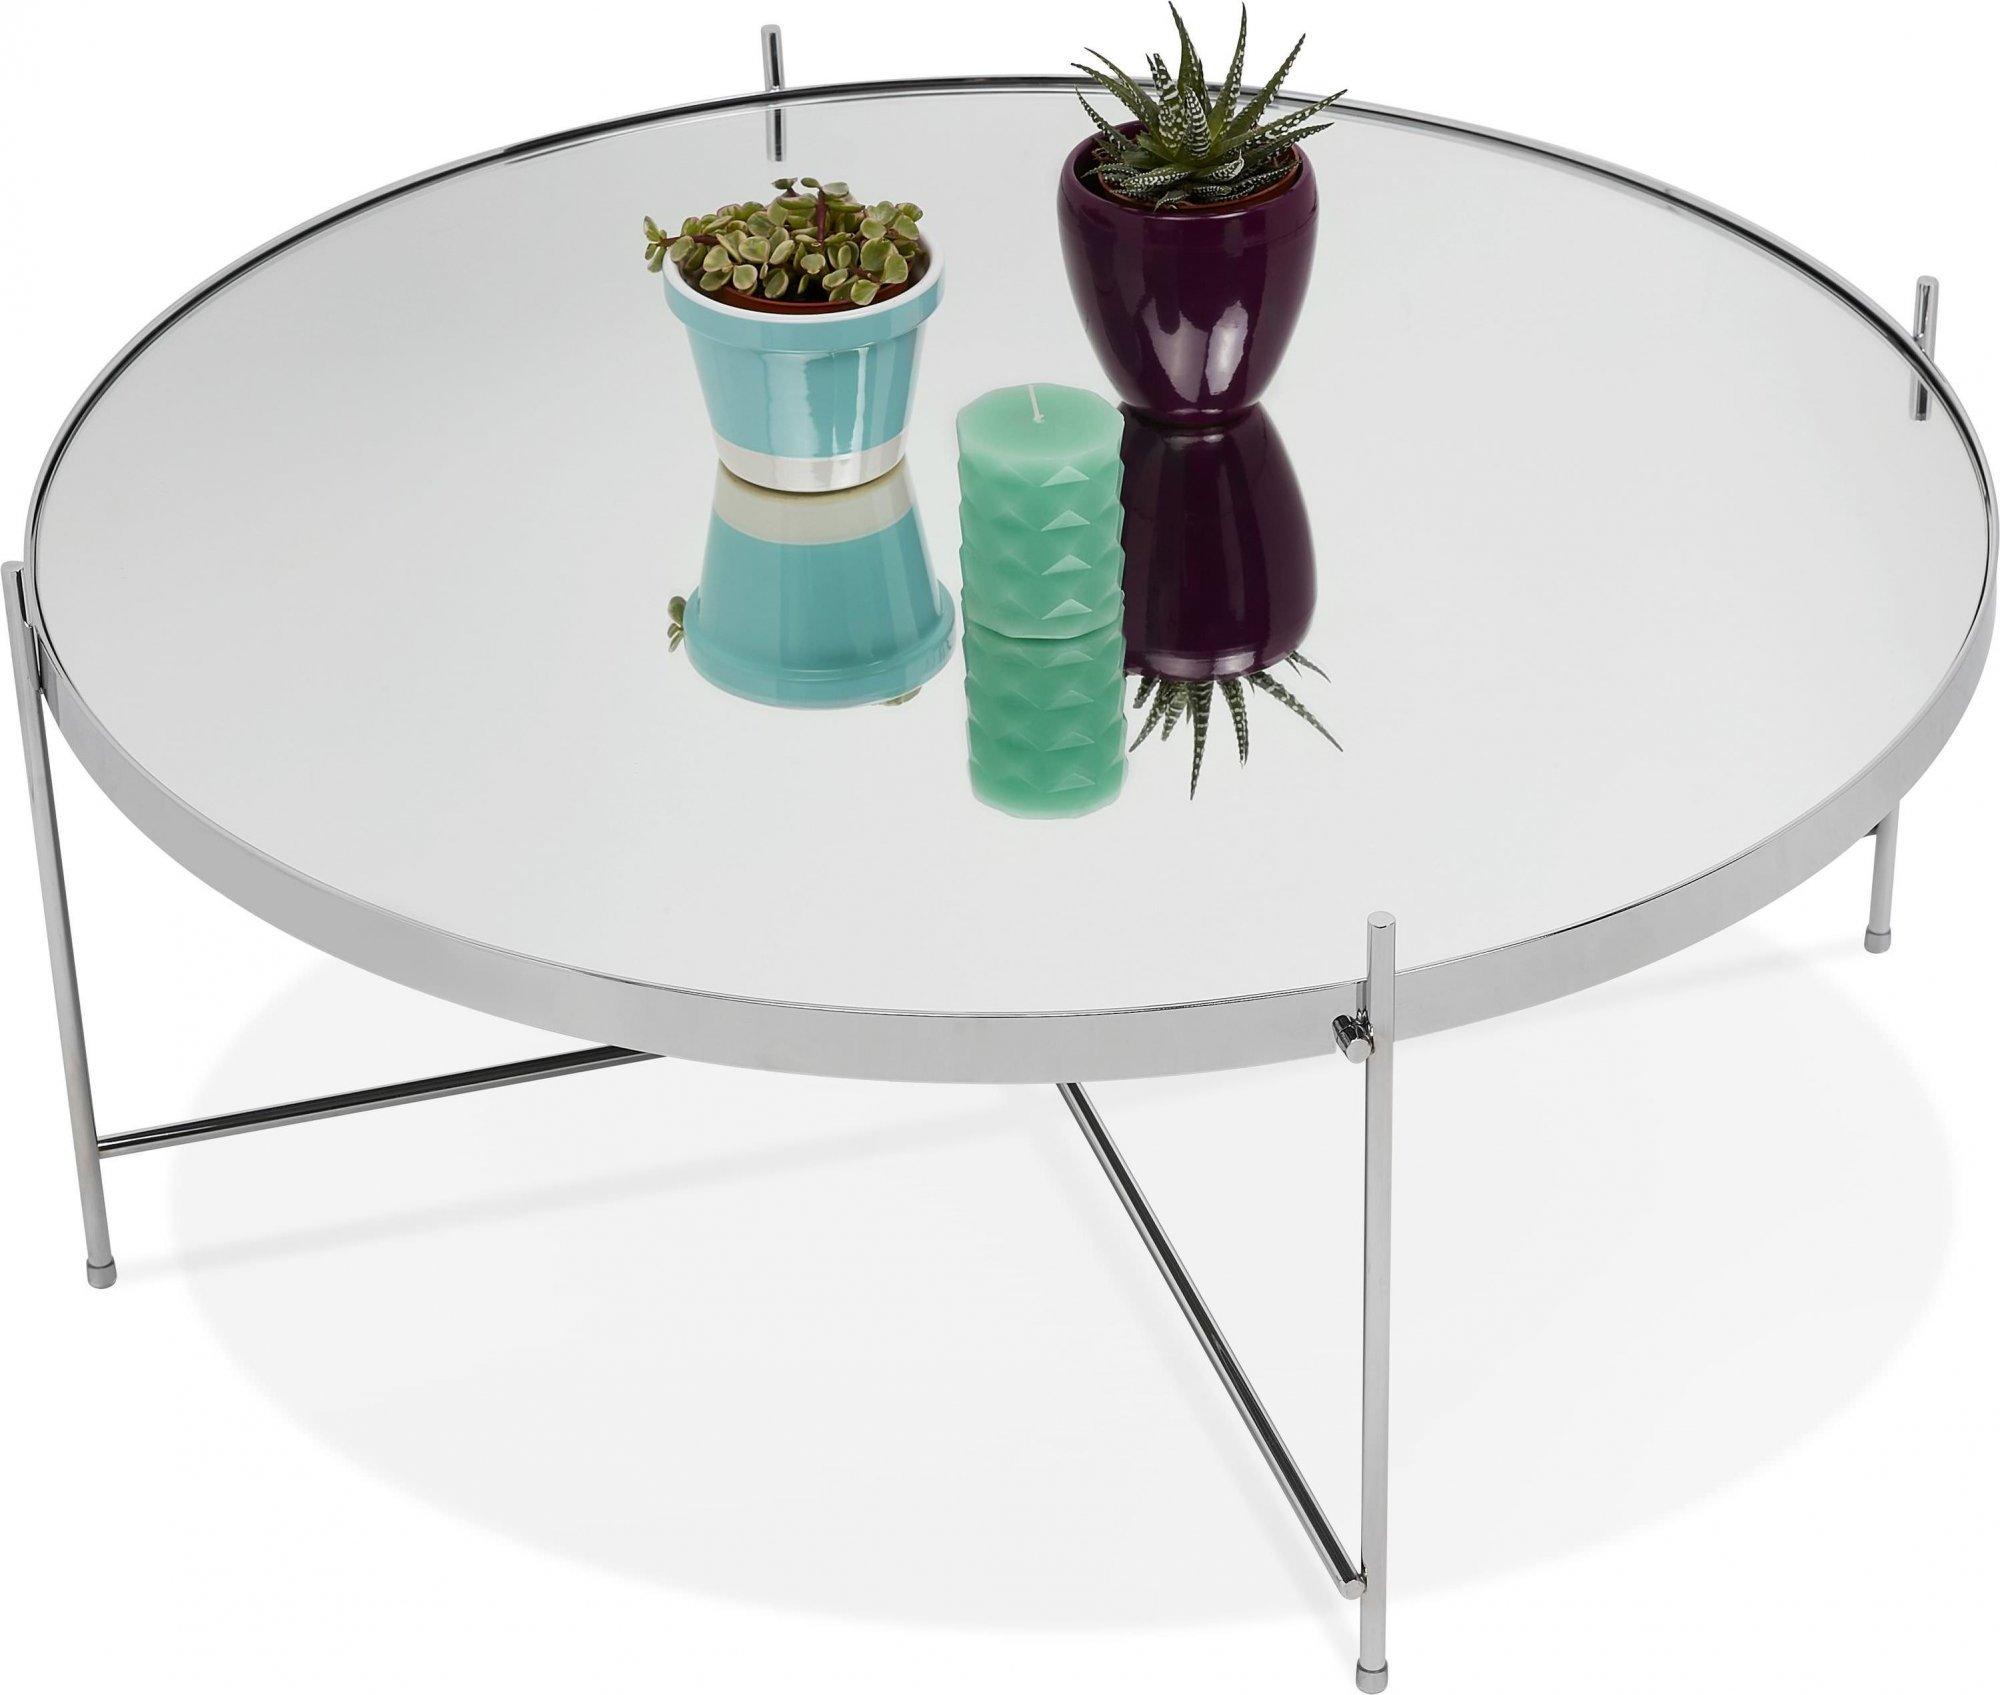 Table basse design métal et verre miroir chrome d83cm